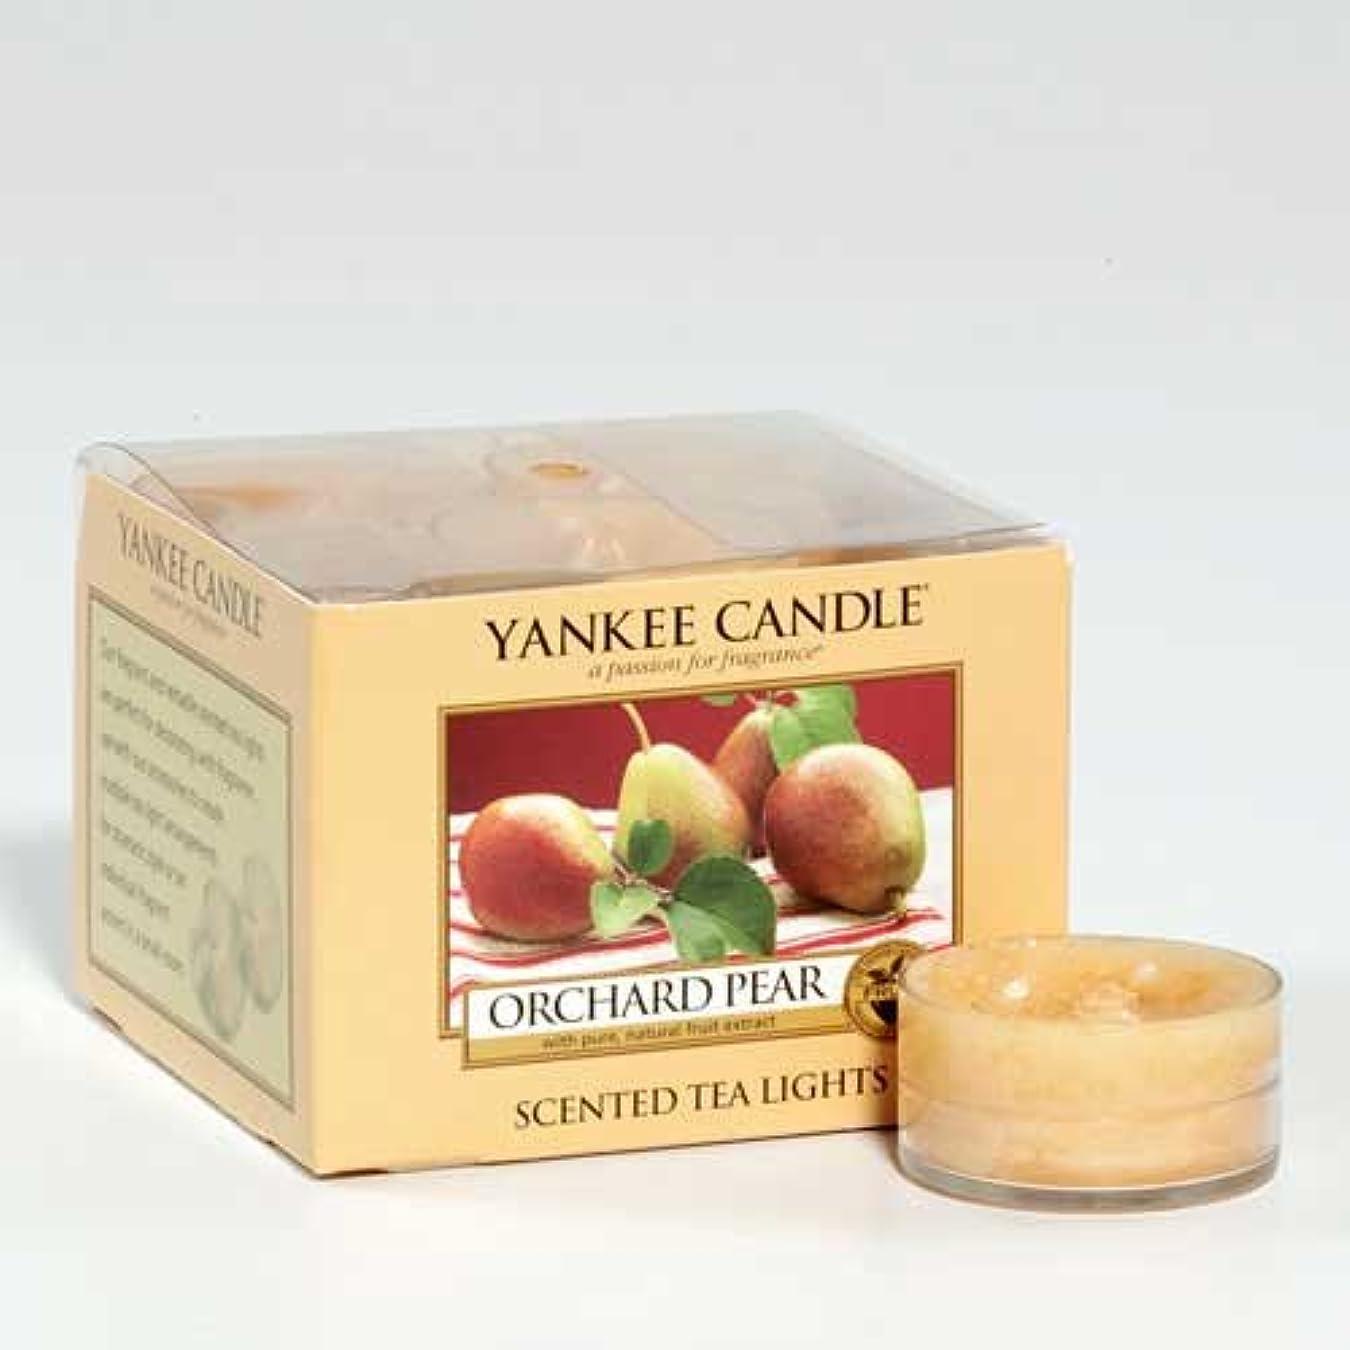 険しいそばに遠えYankee Candle 12香りつきTealights – Orchard Pear